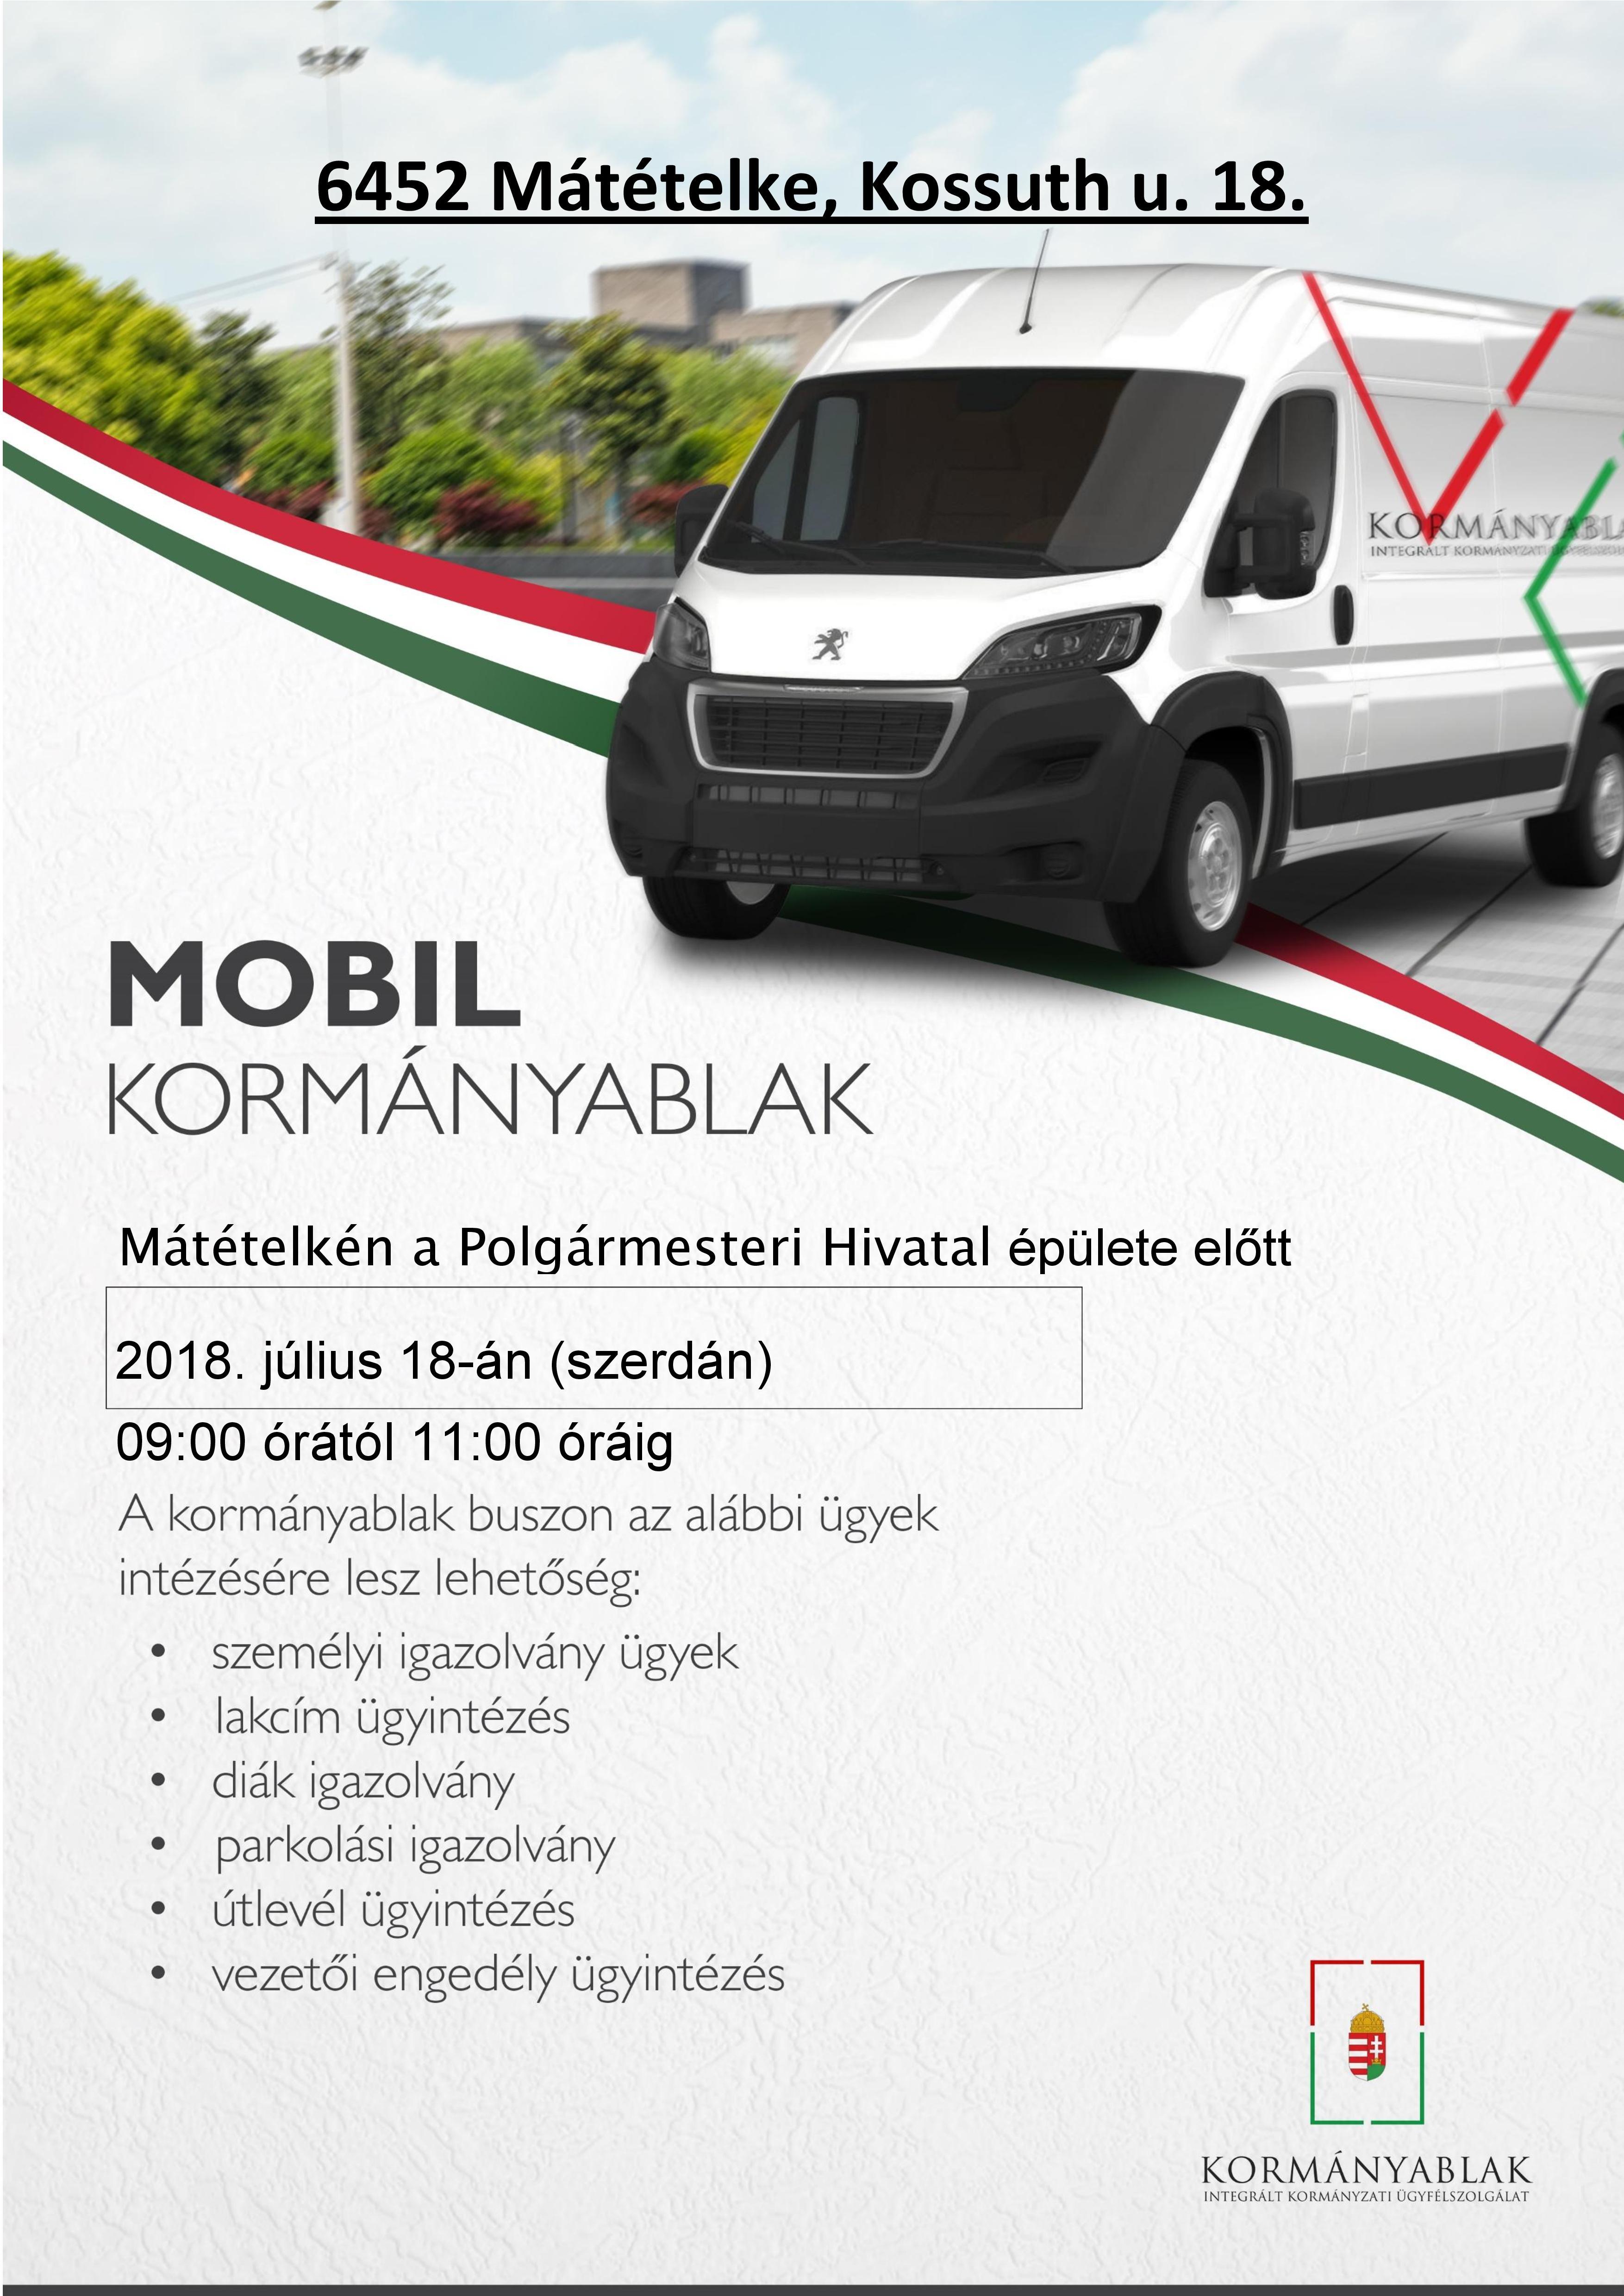 Bácsalmás Kormányablak busz plakát - Mátételke-page-001